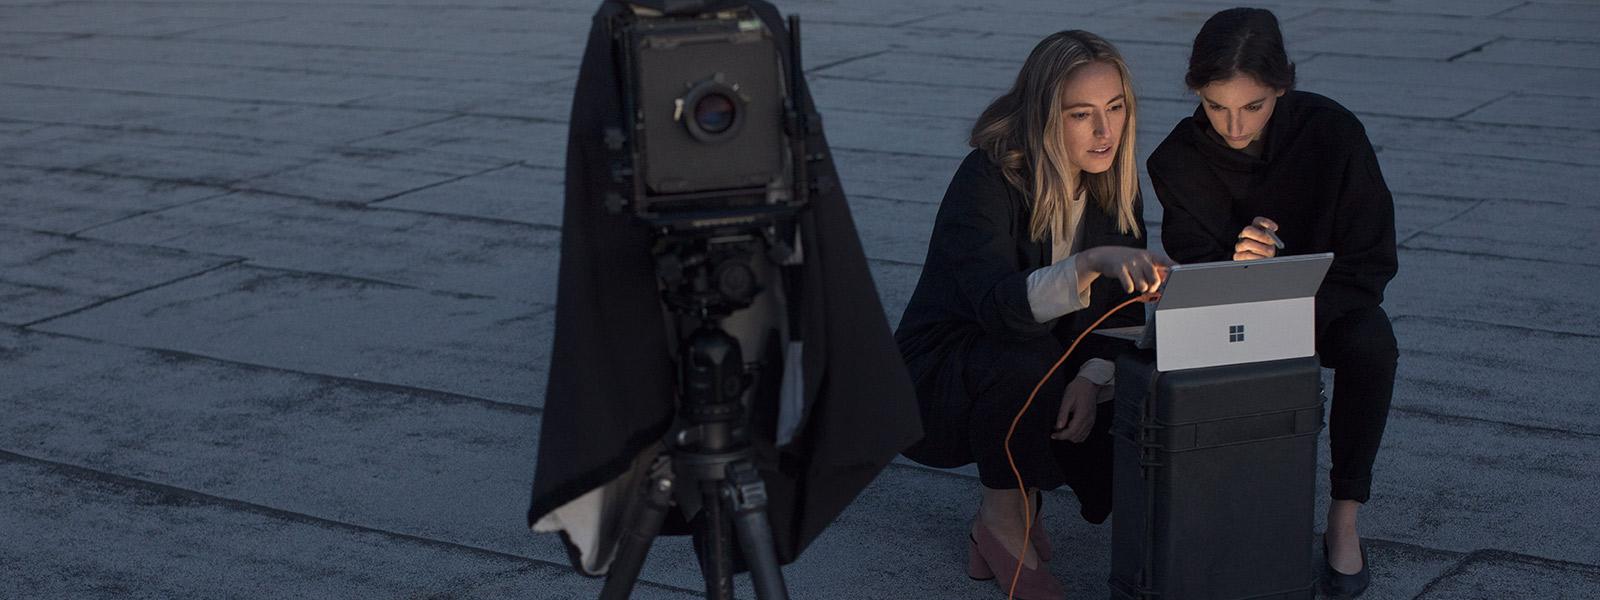 Dwójka filmowców przegląda nagrania wideo na urządzeniu Surface Pro